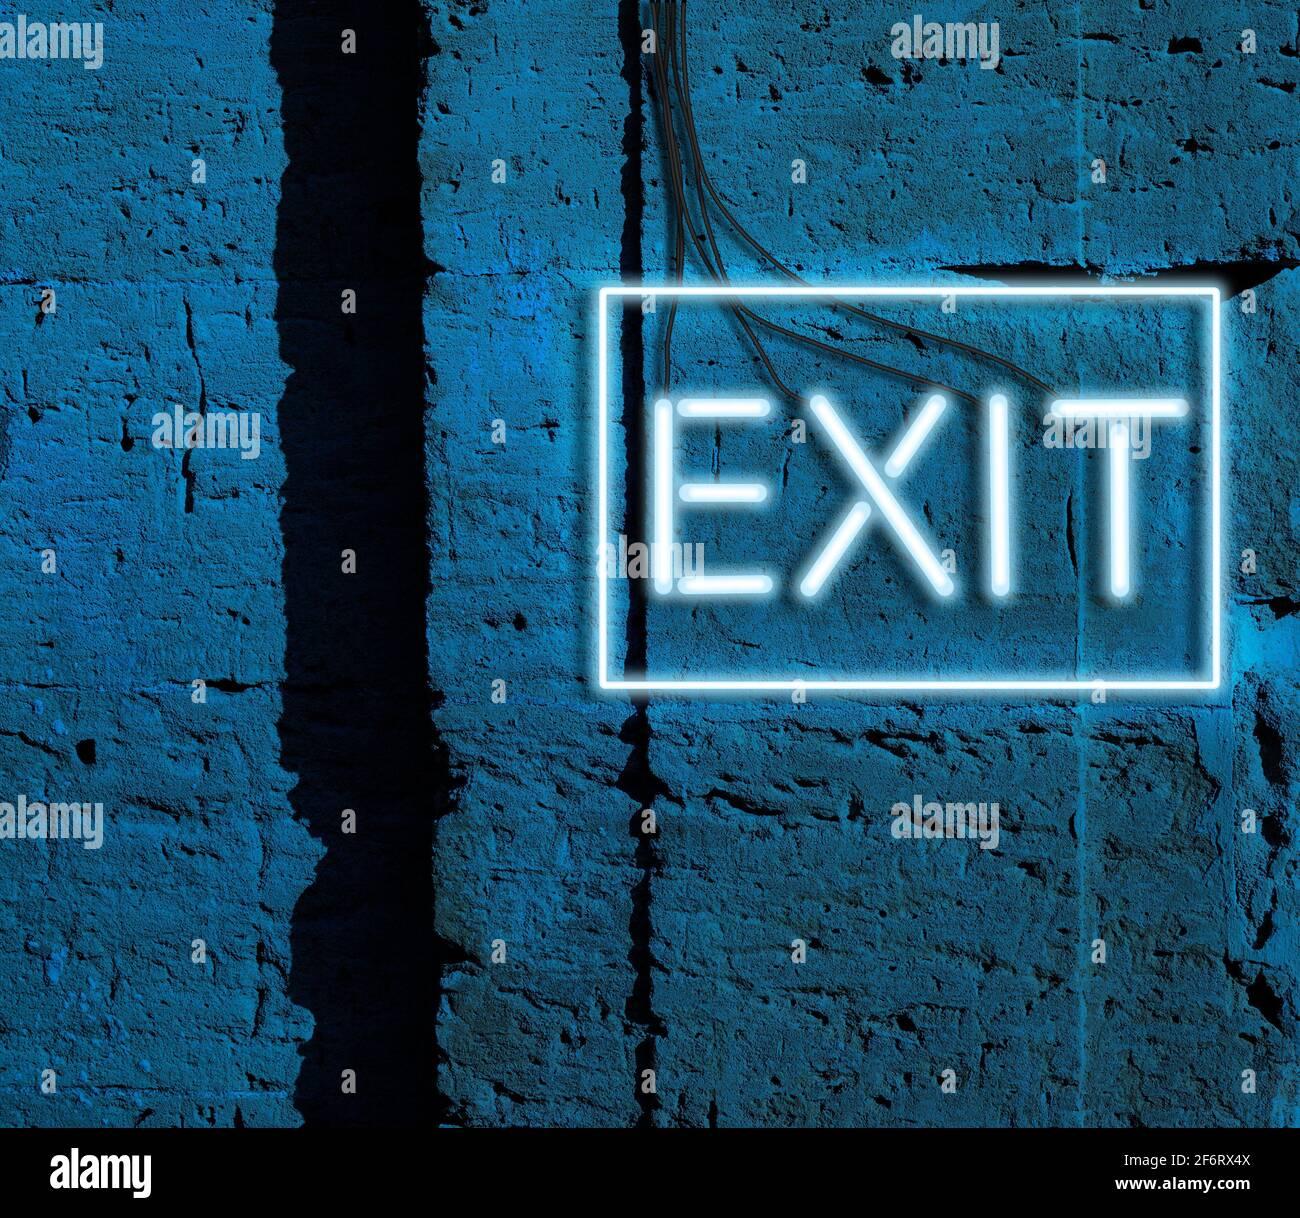 salida de inscripción de luces brillantes de neón azul cuelga en una pared de ladrillo, por la noche. Foto de stock